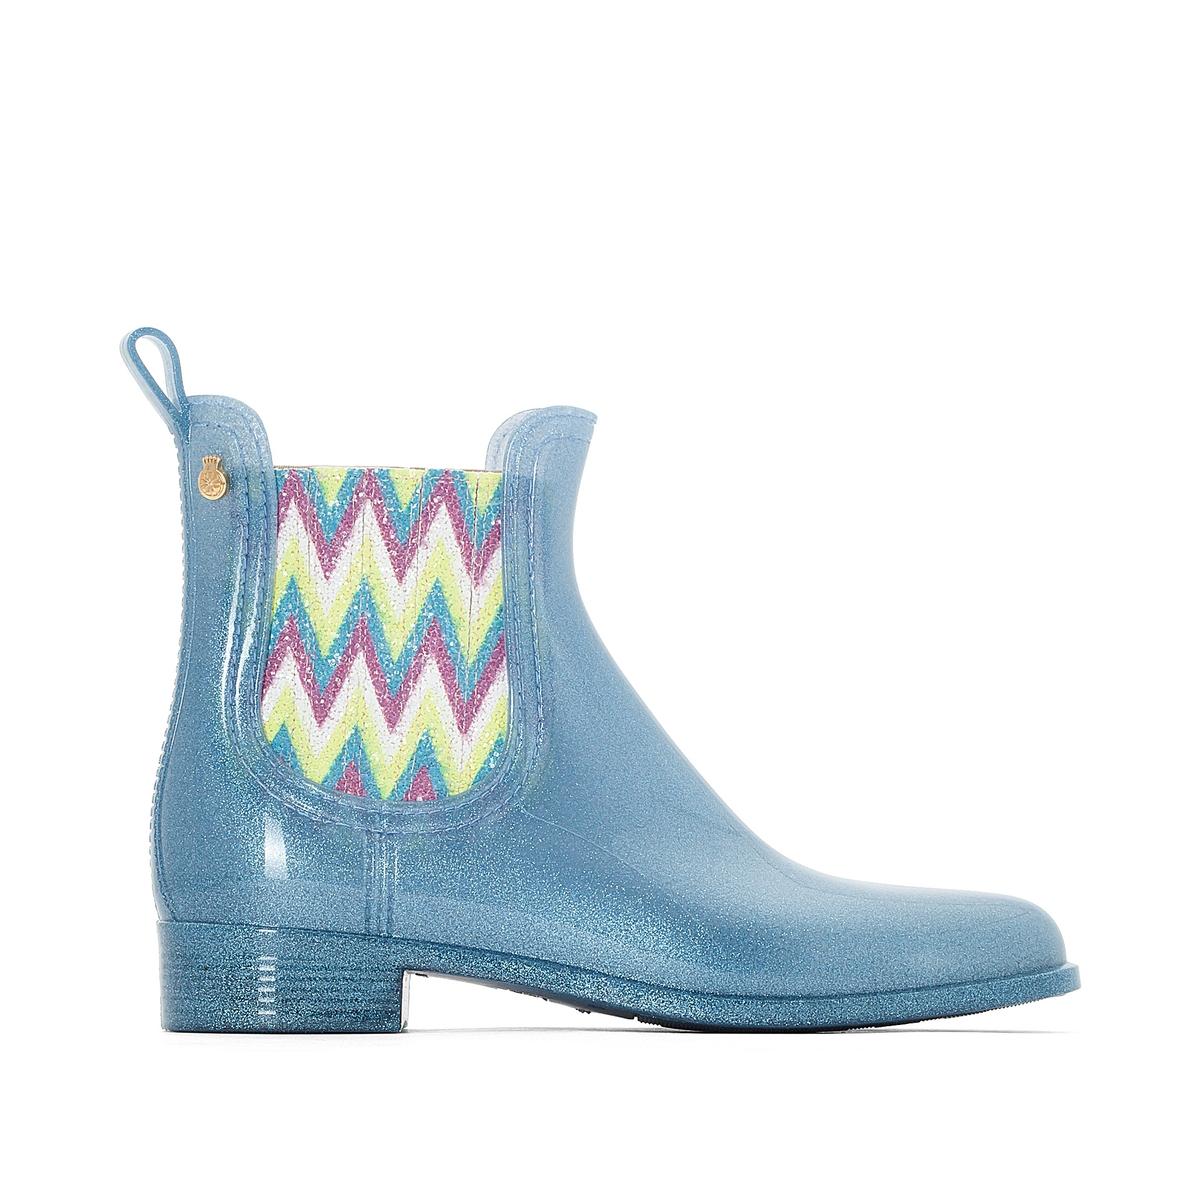 Сапоги резиновые HarperВерх : каучук   Подкладка : полиамид   Стелька : синтетика   Подошва : каучук   Высота каблука : 2 см   Форма каблука : плоский каблук   Мысок : закругленный мысок   Застежка : без застежки<br><br>Цвет: синий<br>Размер: 36